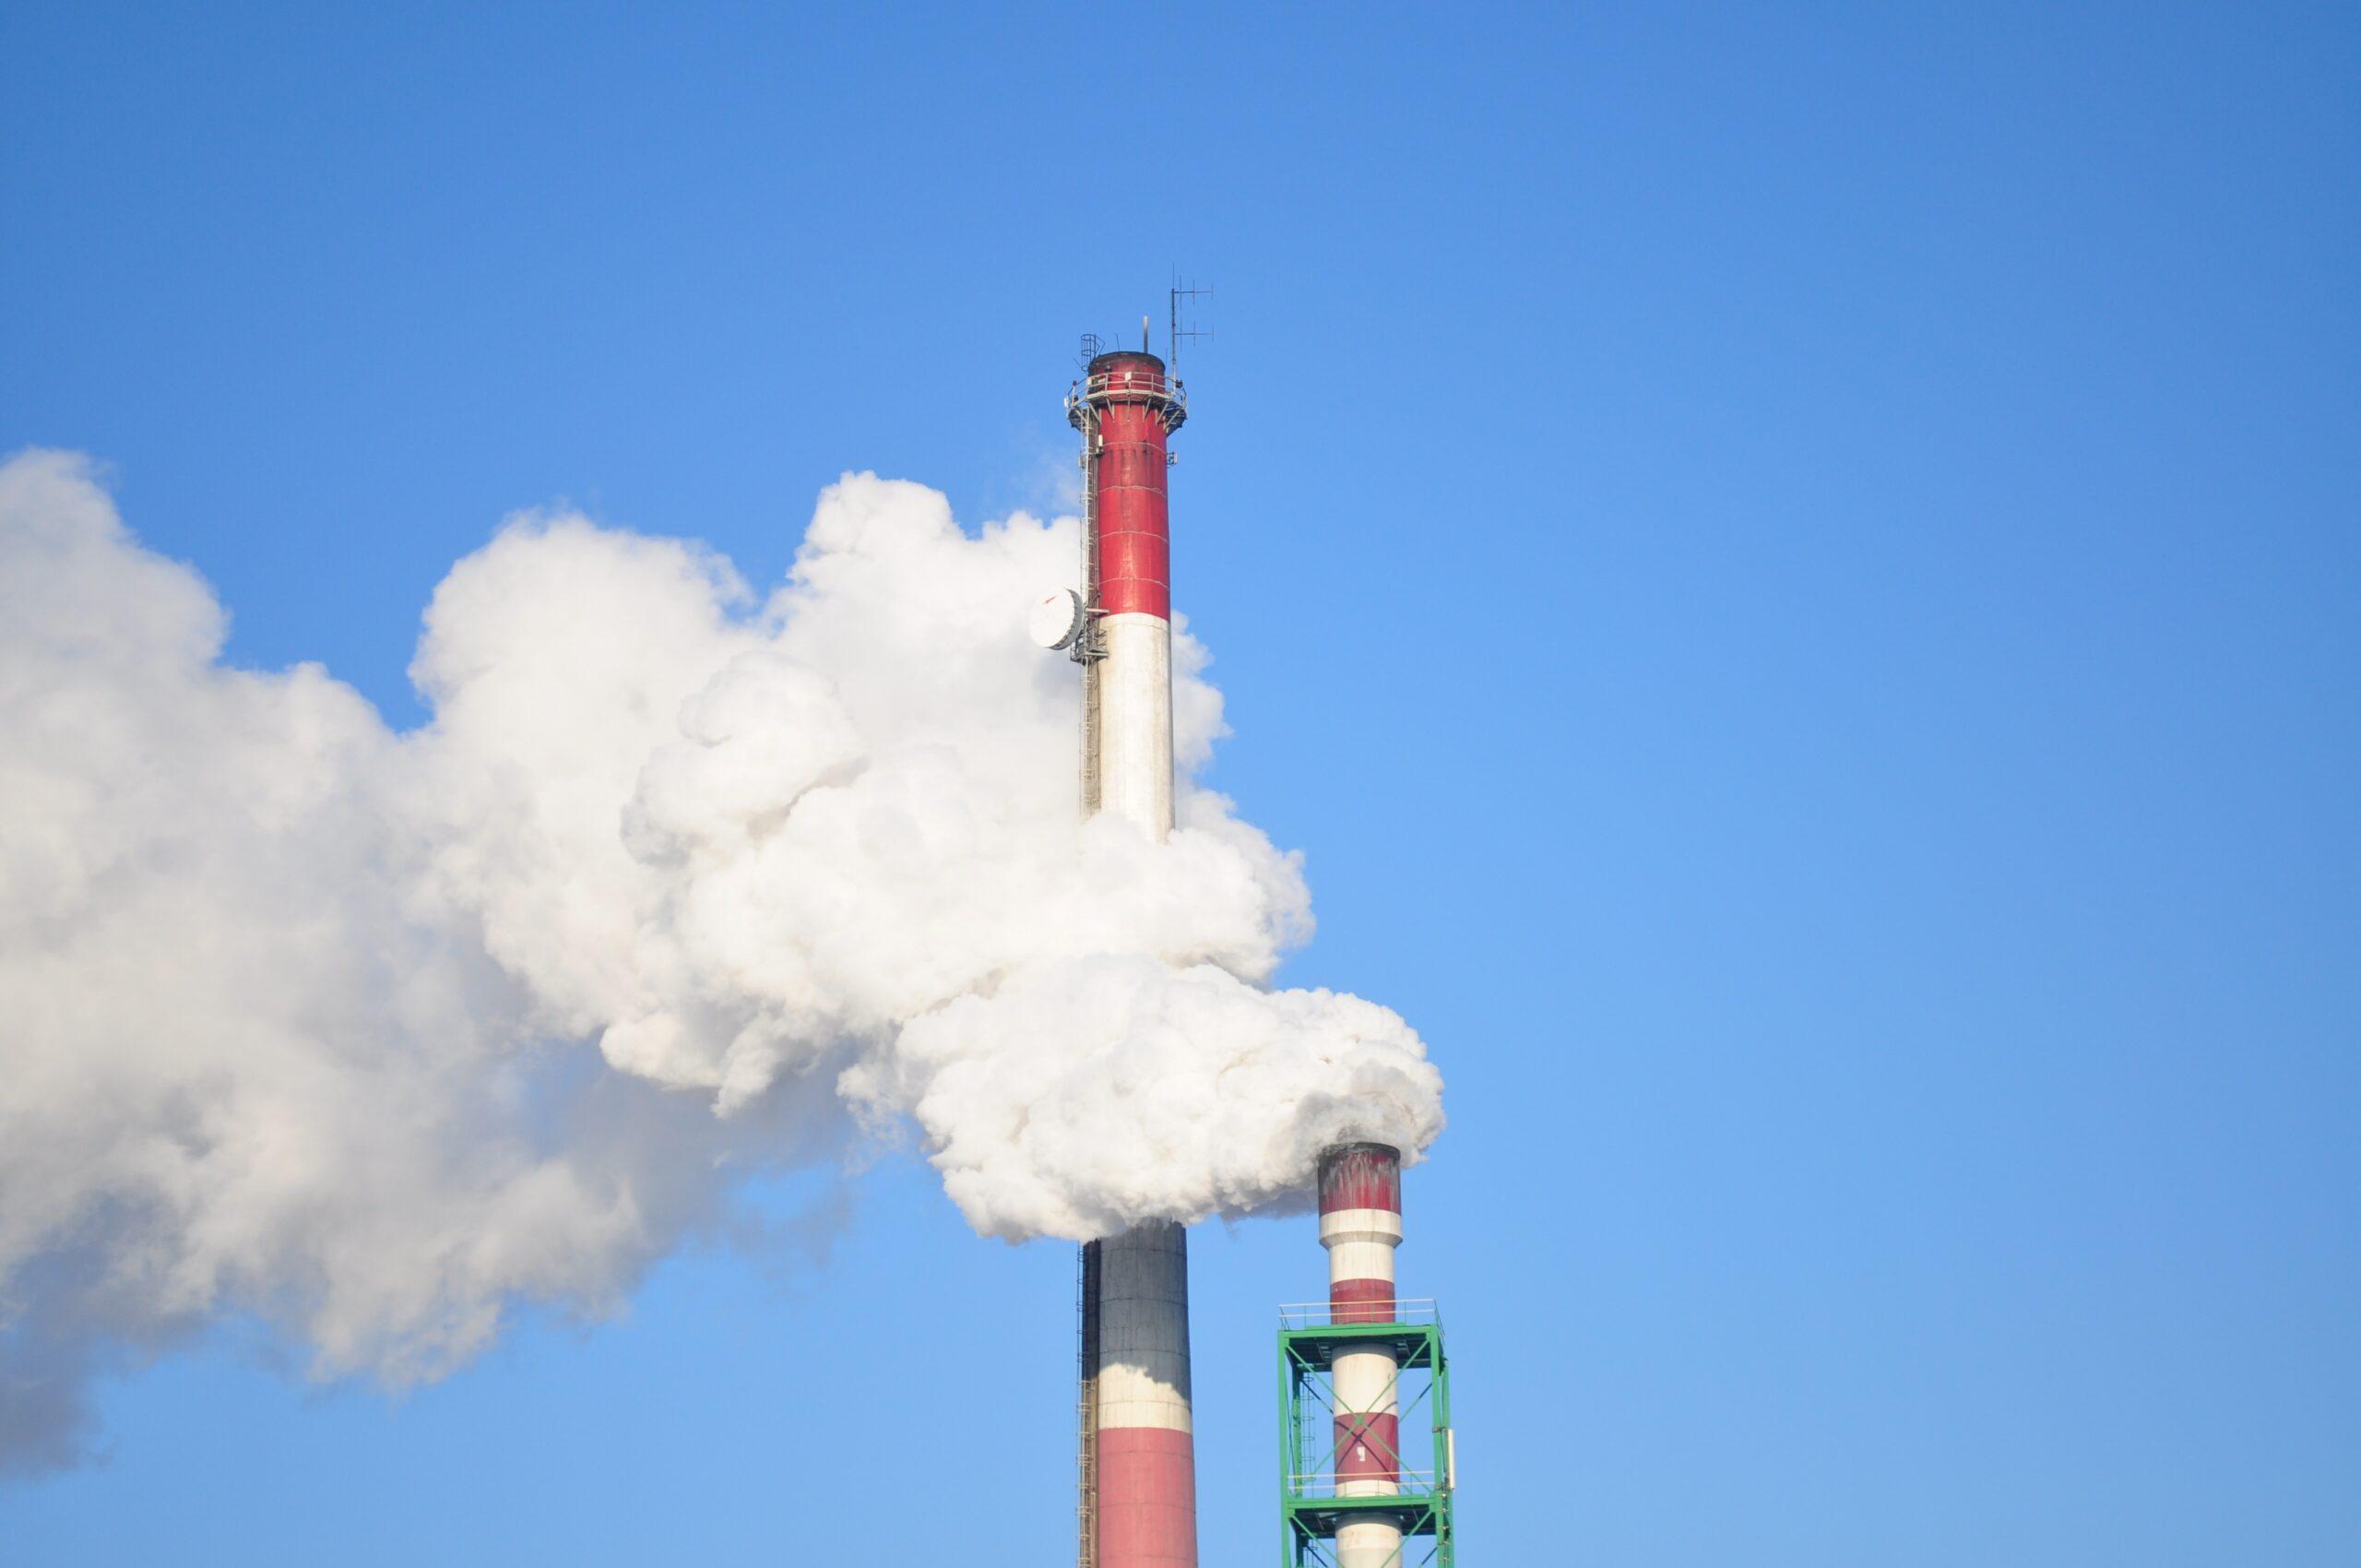 โครงการลดก๊าซเรือนกระจกภาคสมัครใจตามมาตรฐานของประเทศไทย (TVER)